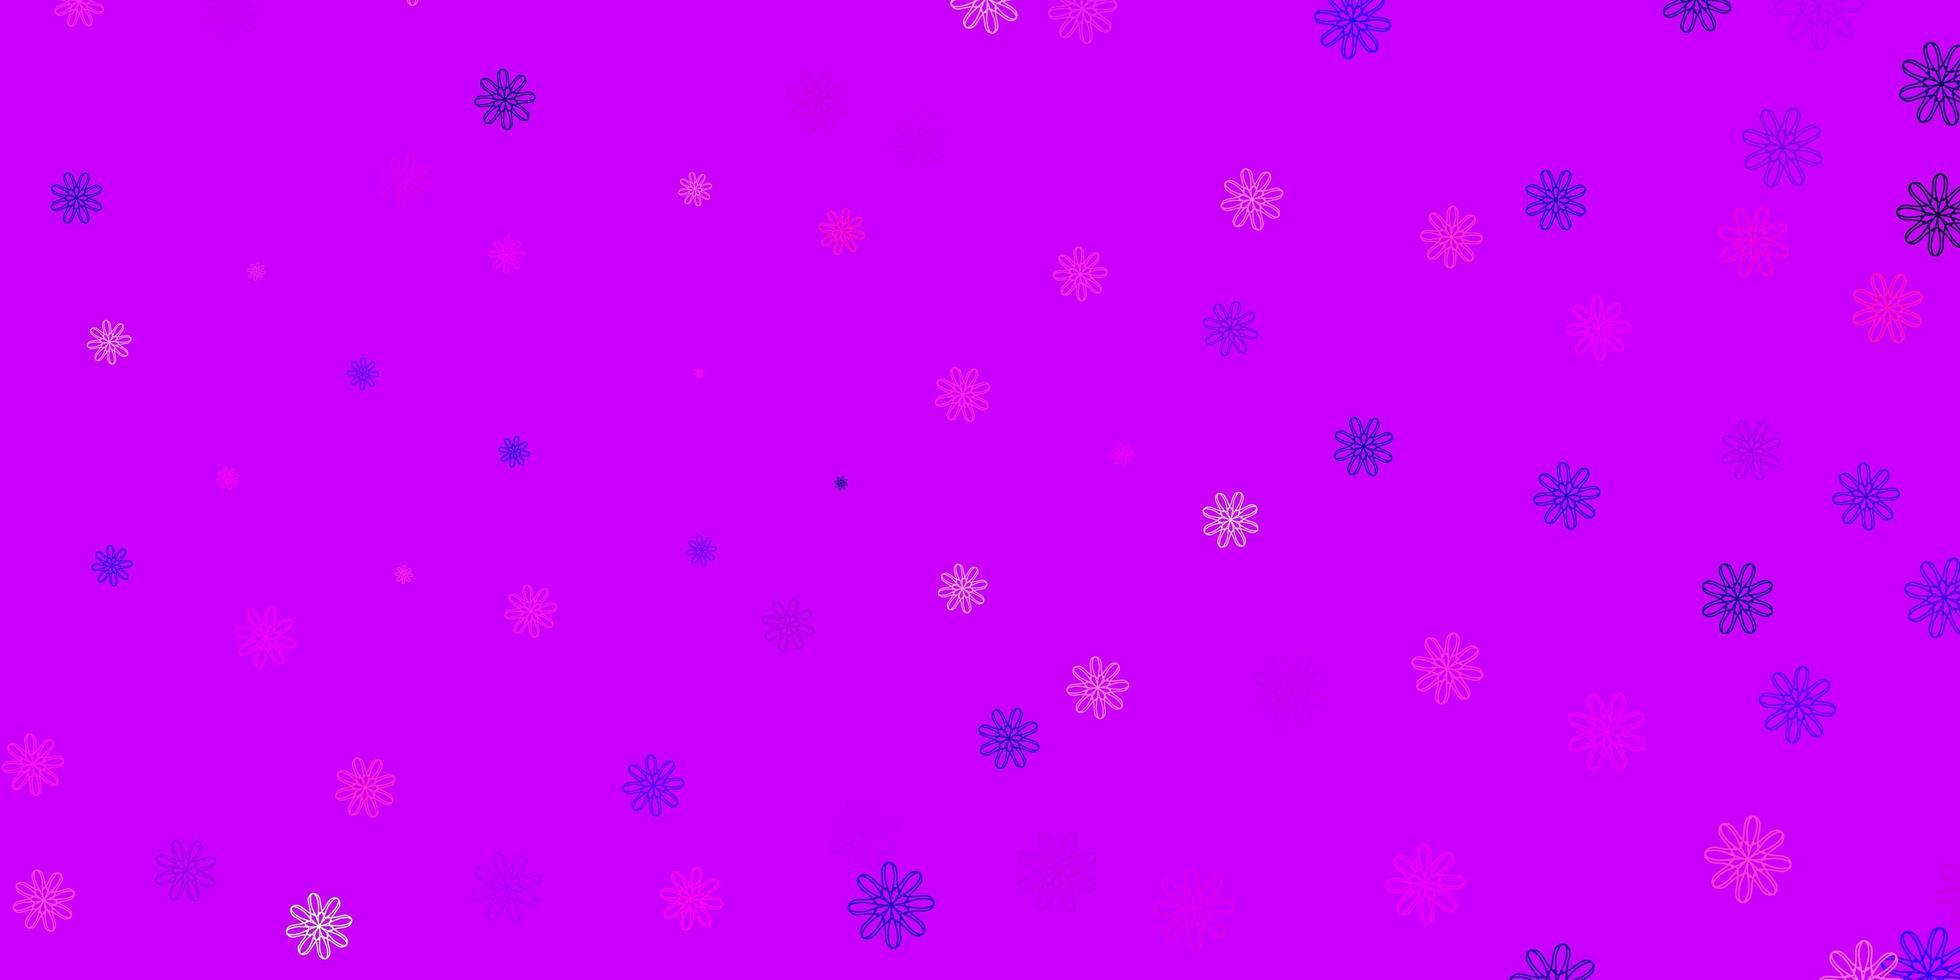 lichtpaars, roze vectorkrabbelpatroon met bloemen. vector